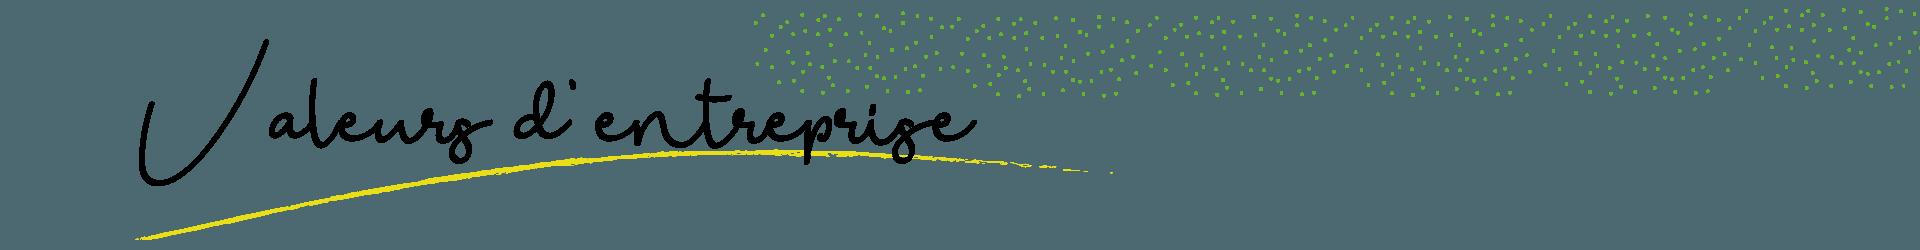 cinepro-valeurs-d-entreprise